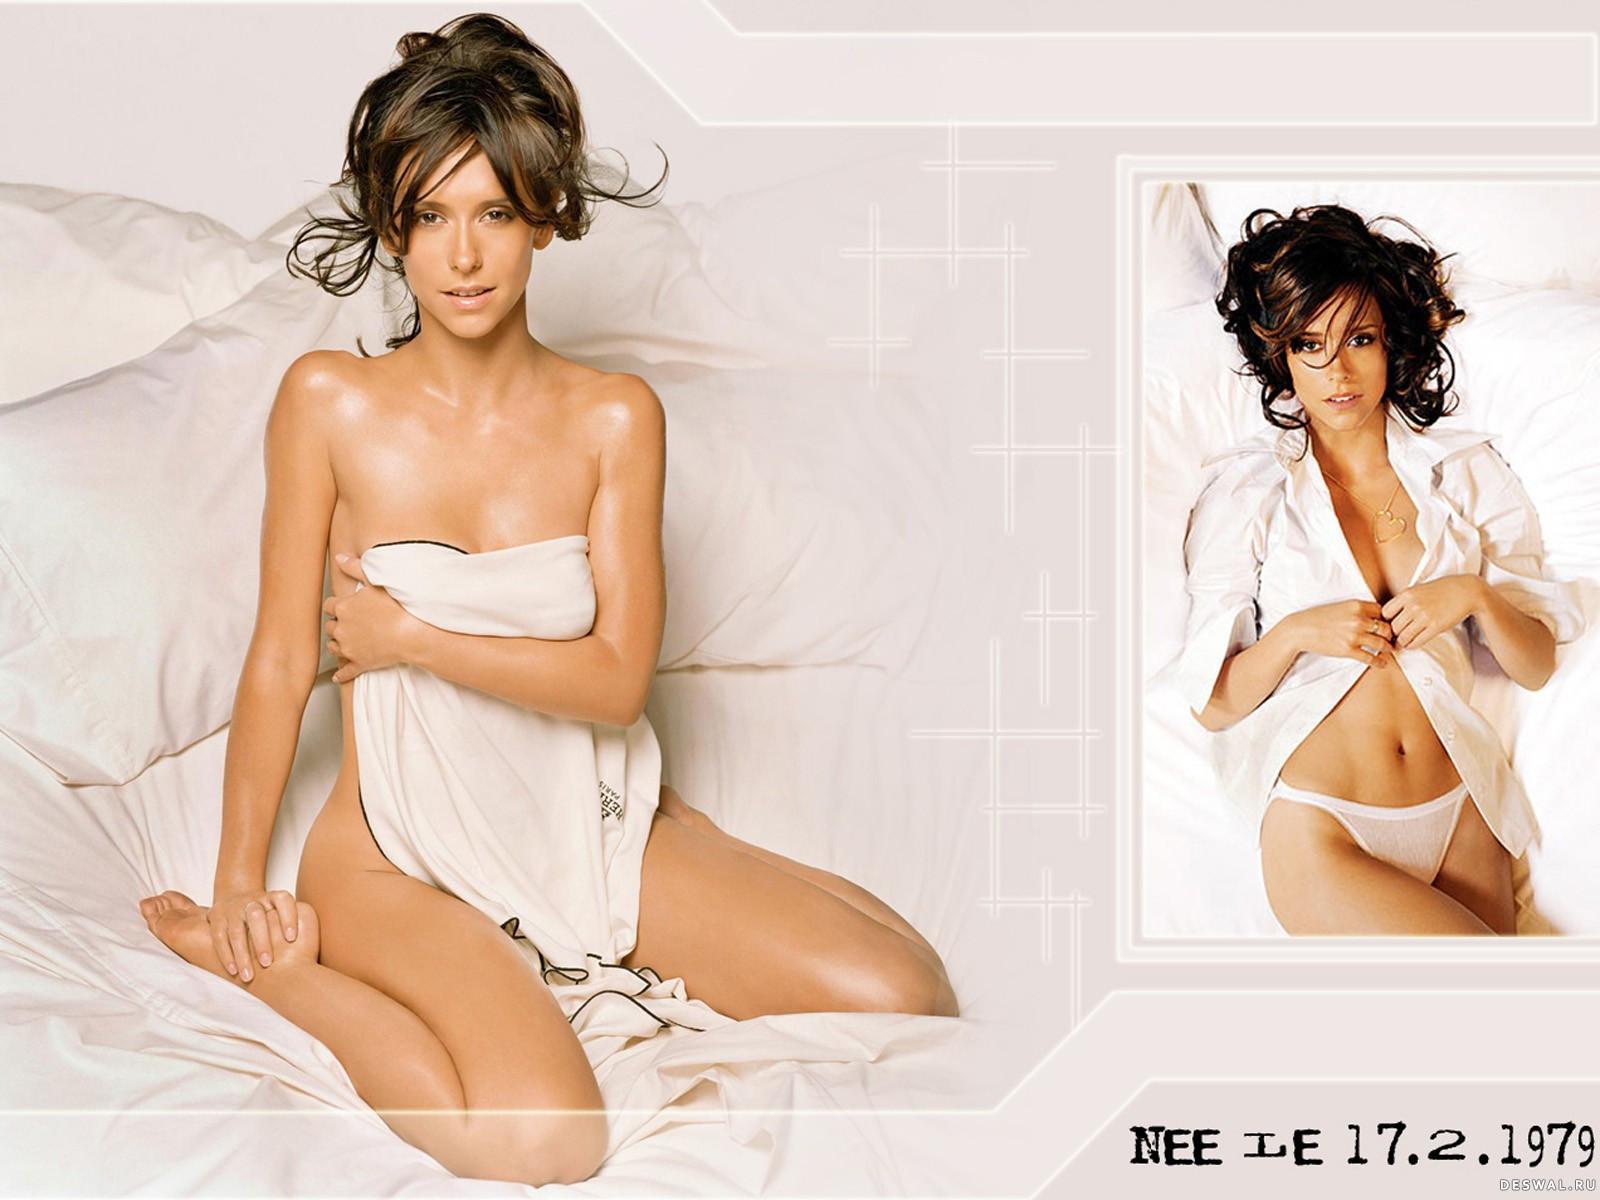 smotret-golie-foto-znamenitostey-aktris